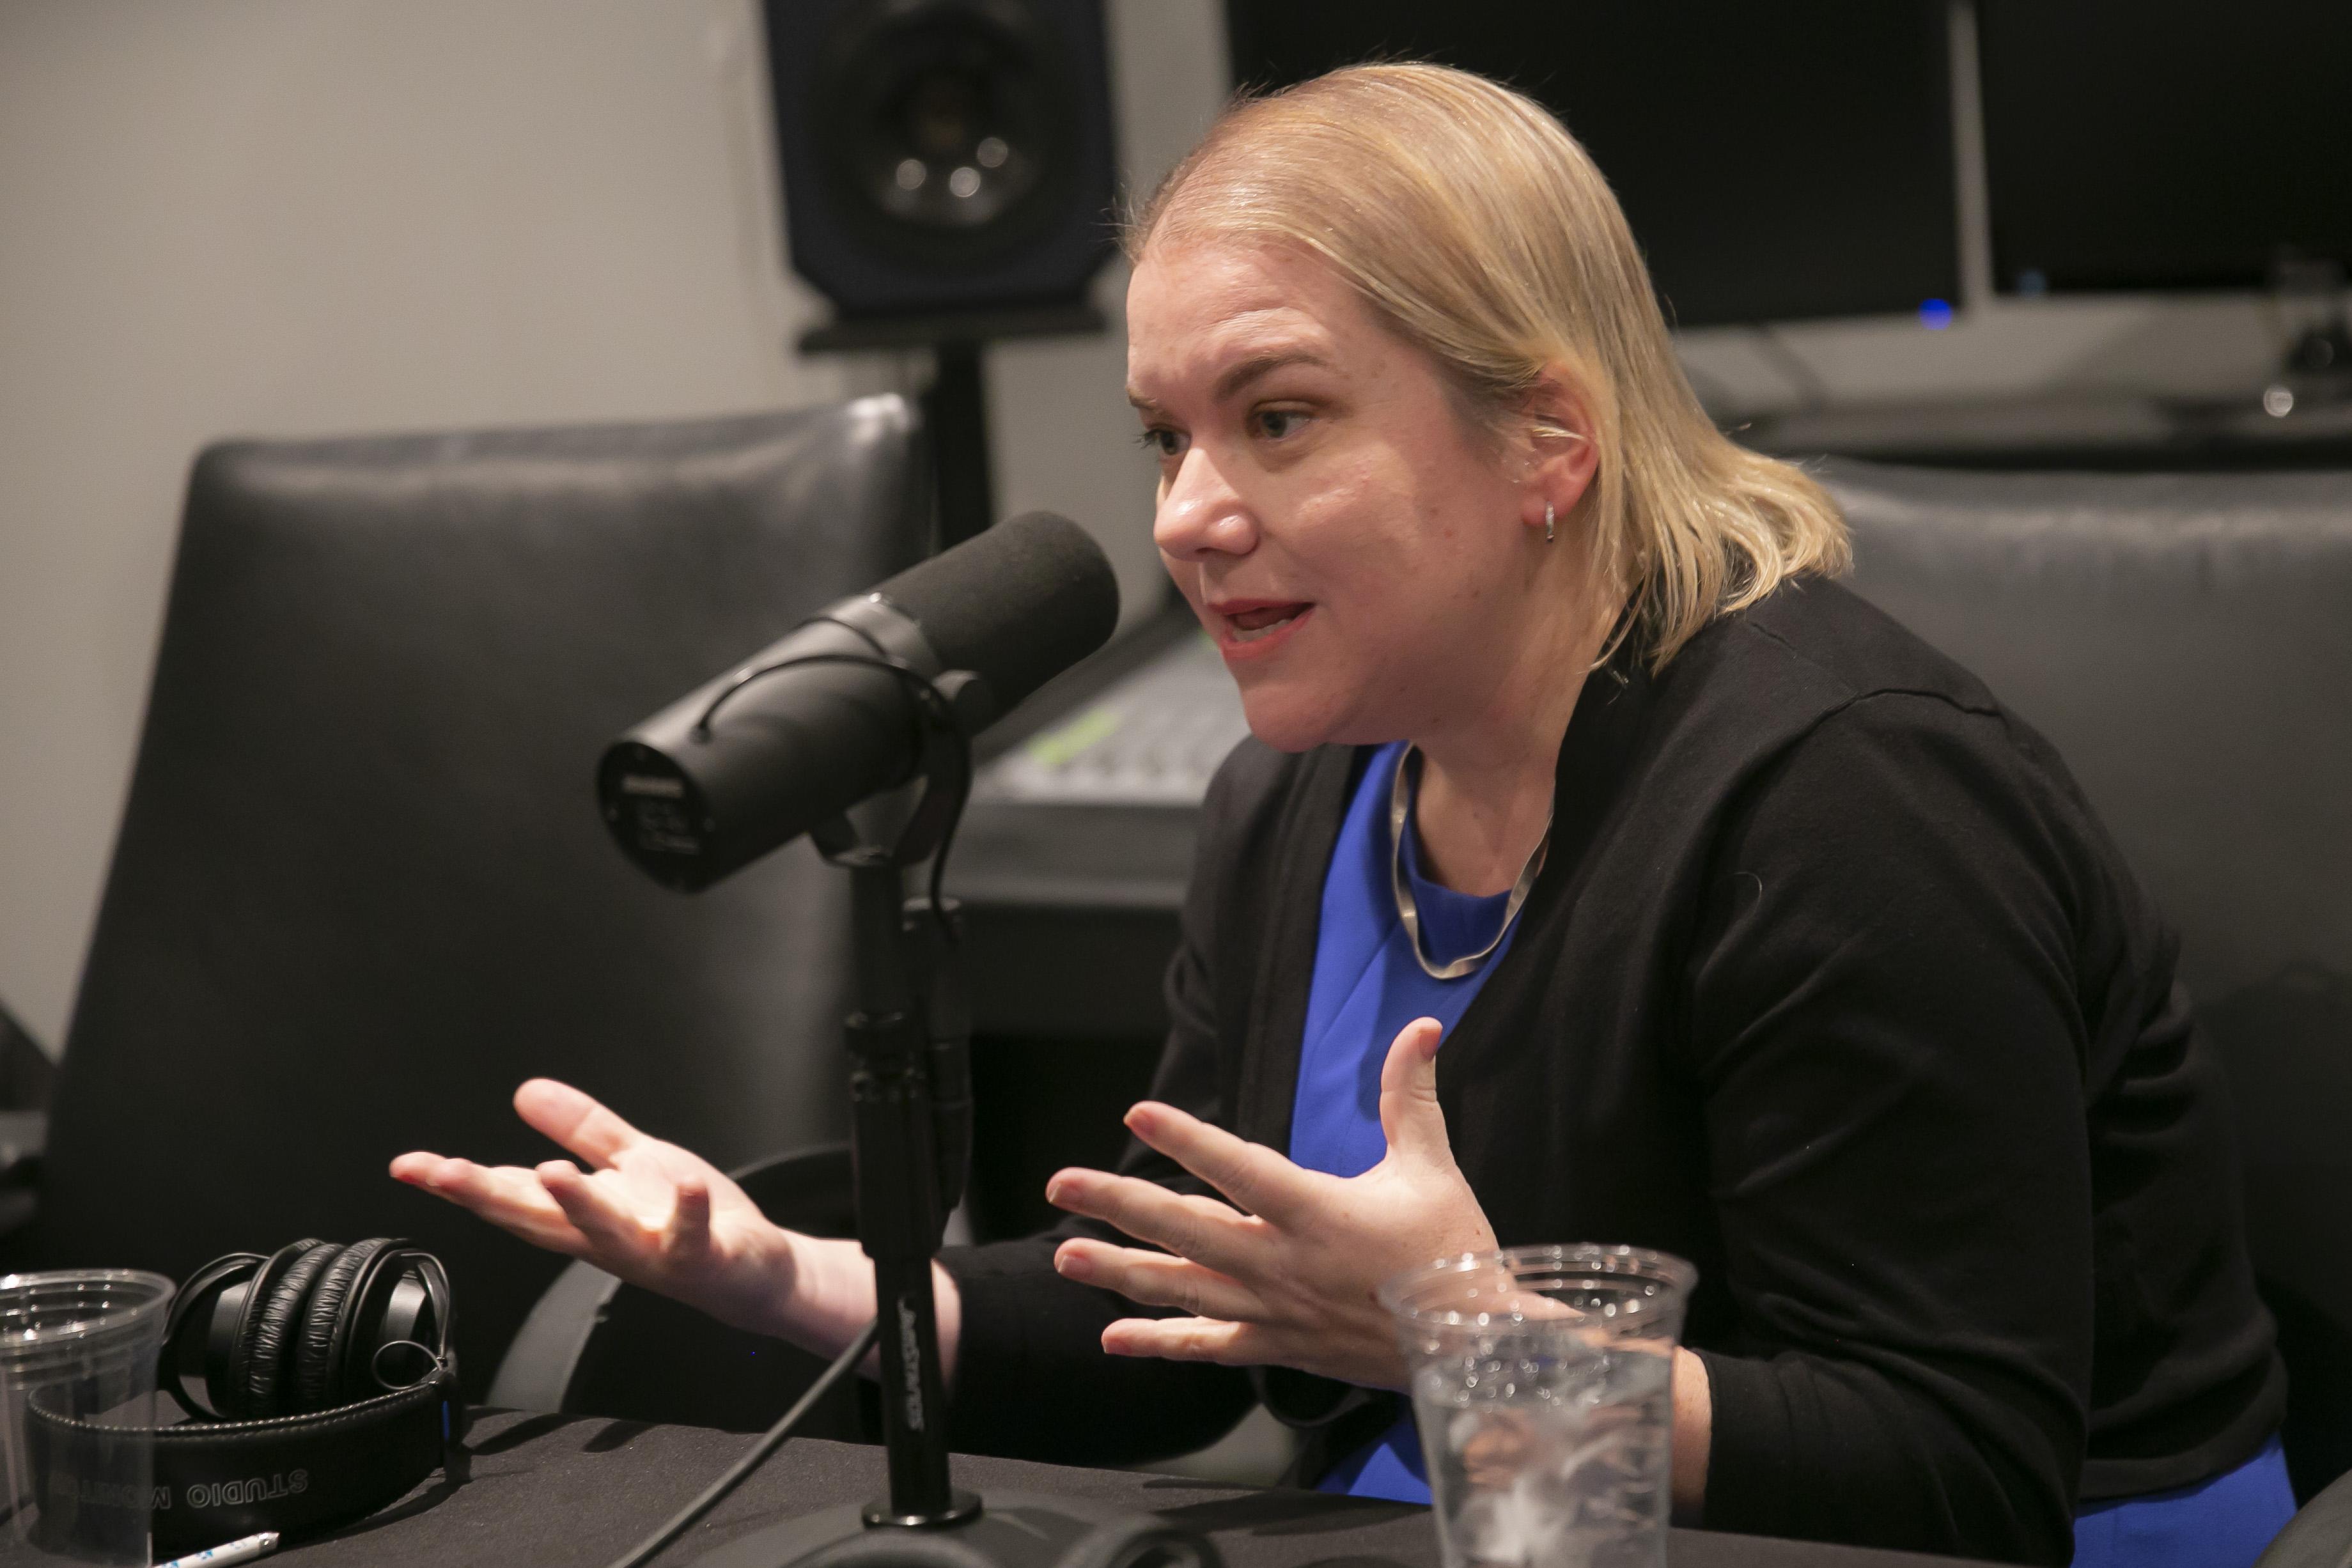 Dr. Allison Arwady